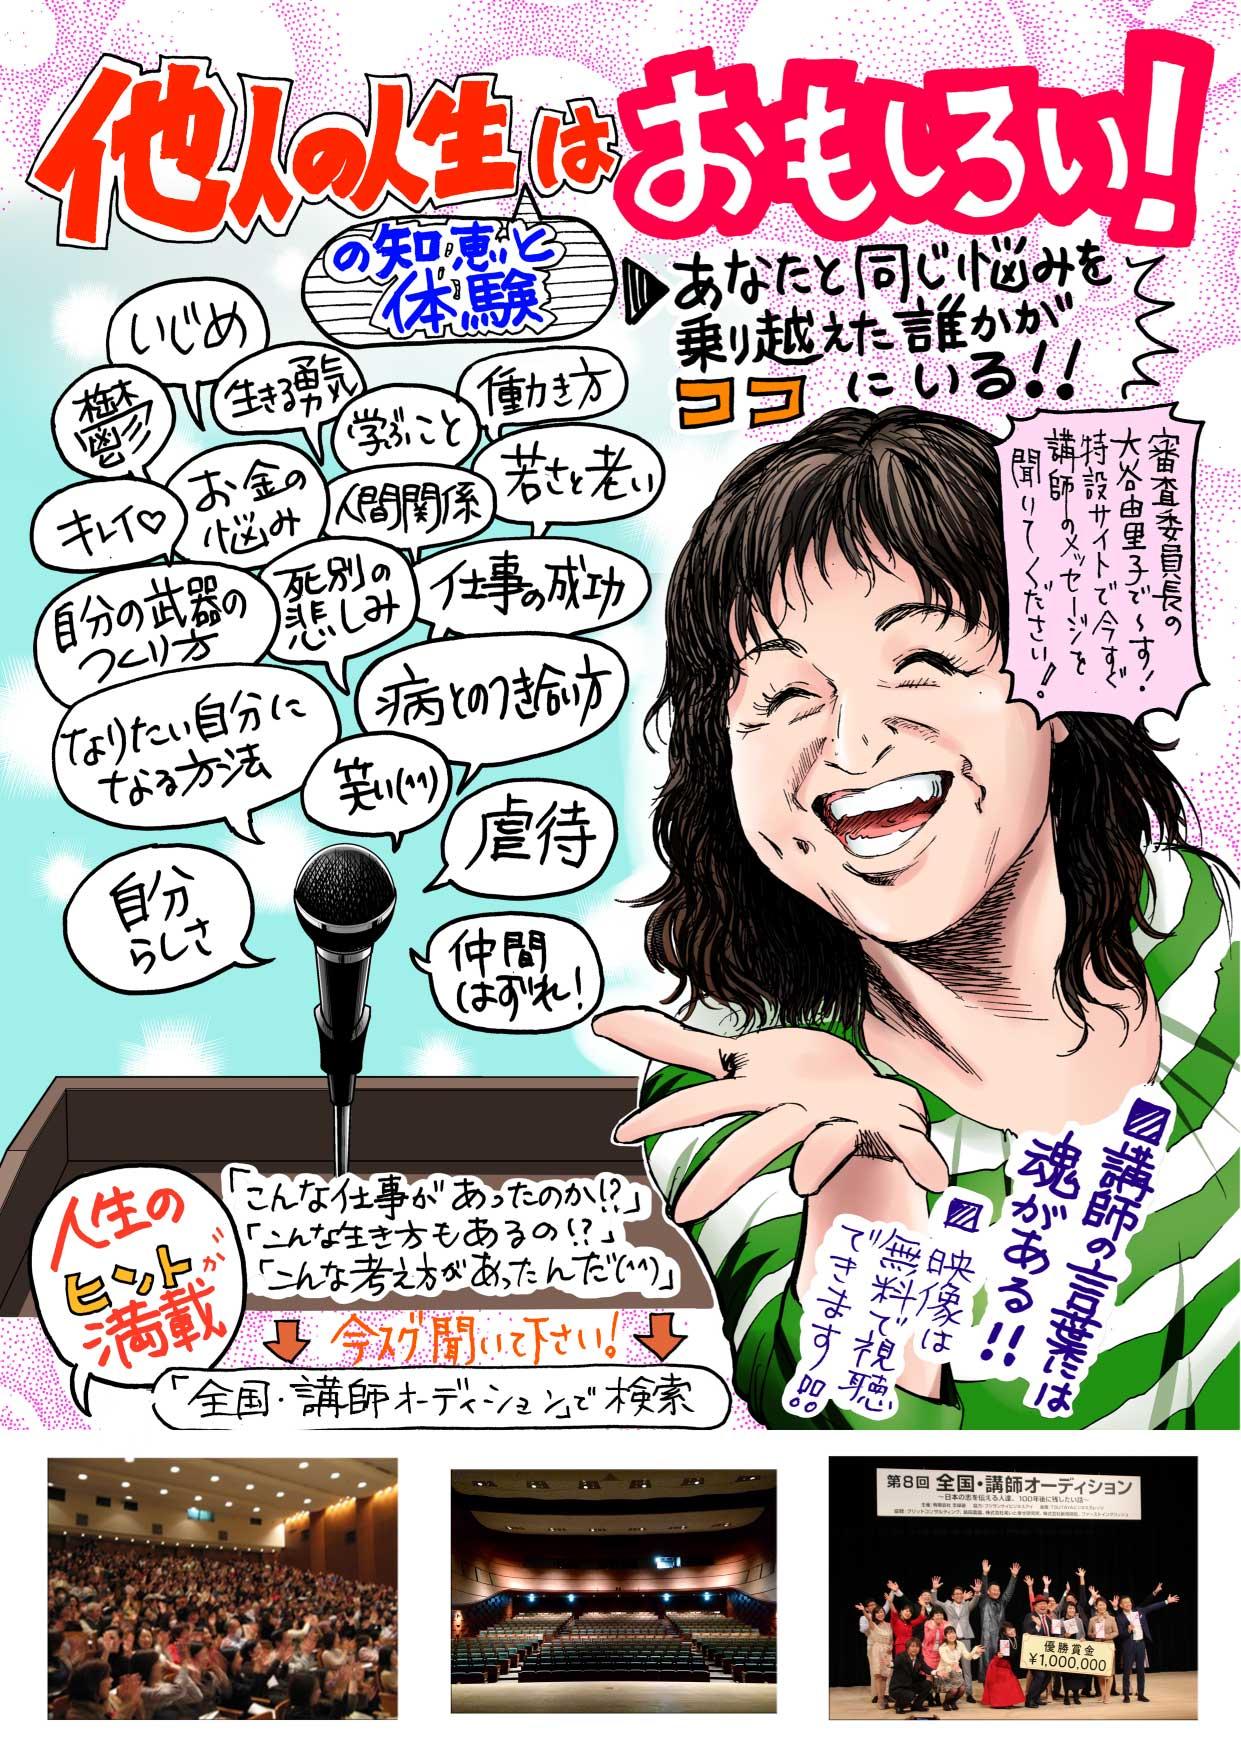 マンガ版チラシ2018ura.jpg